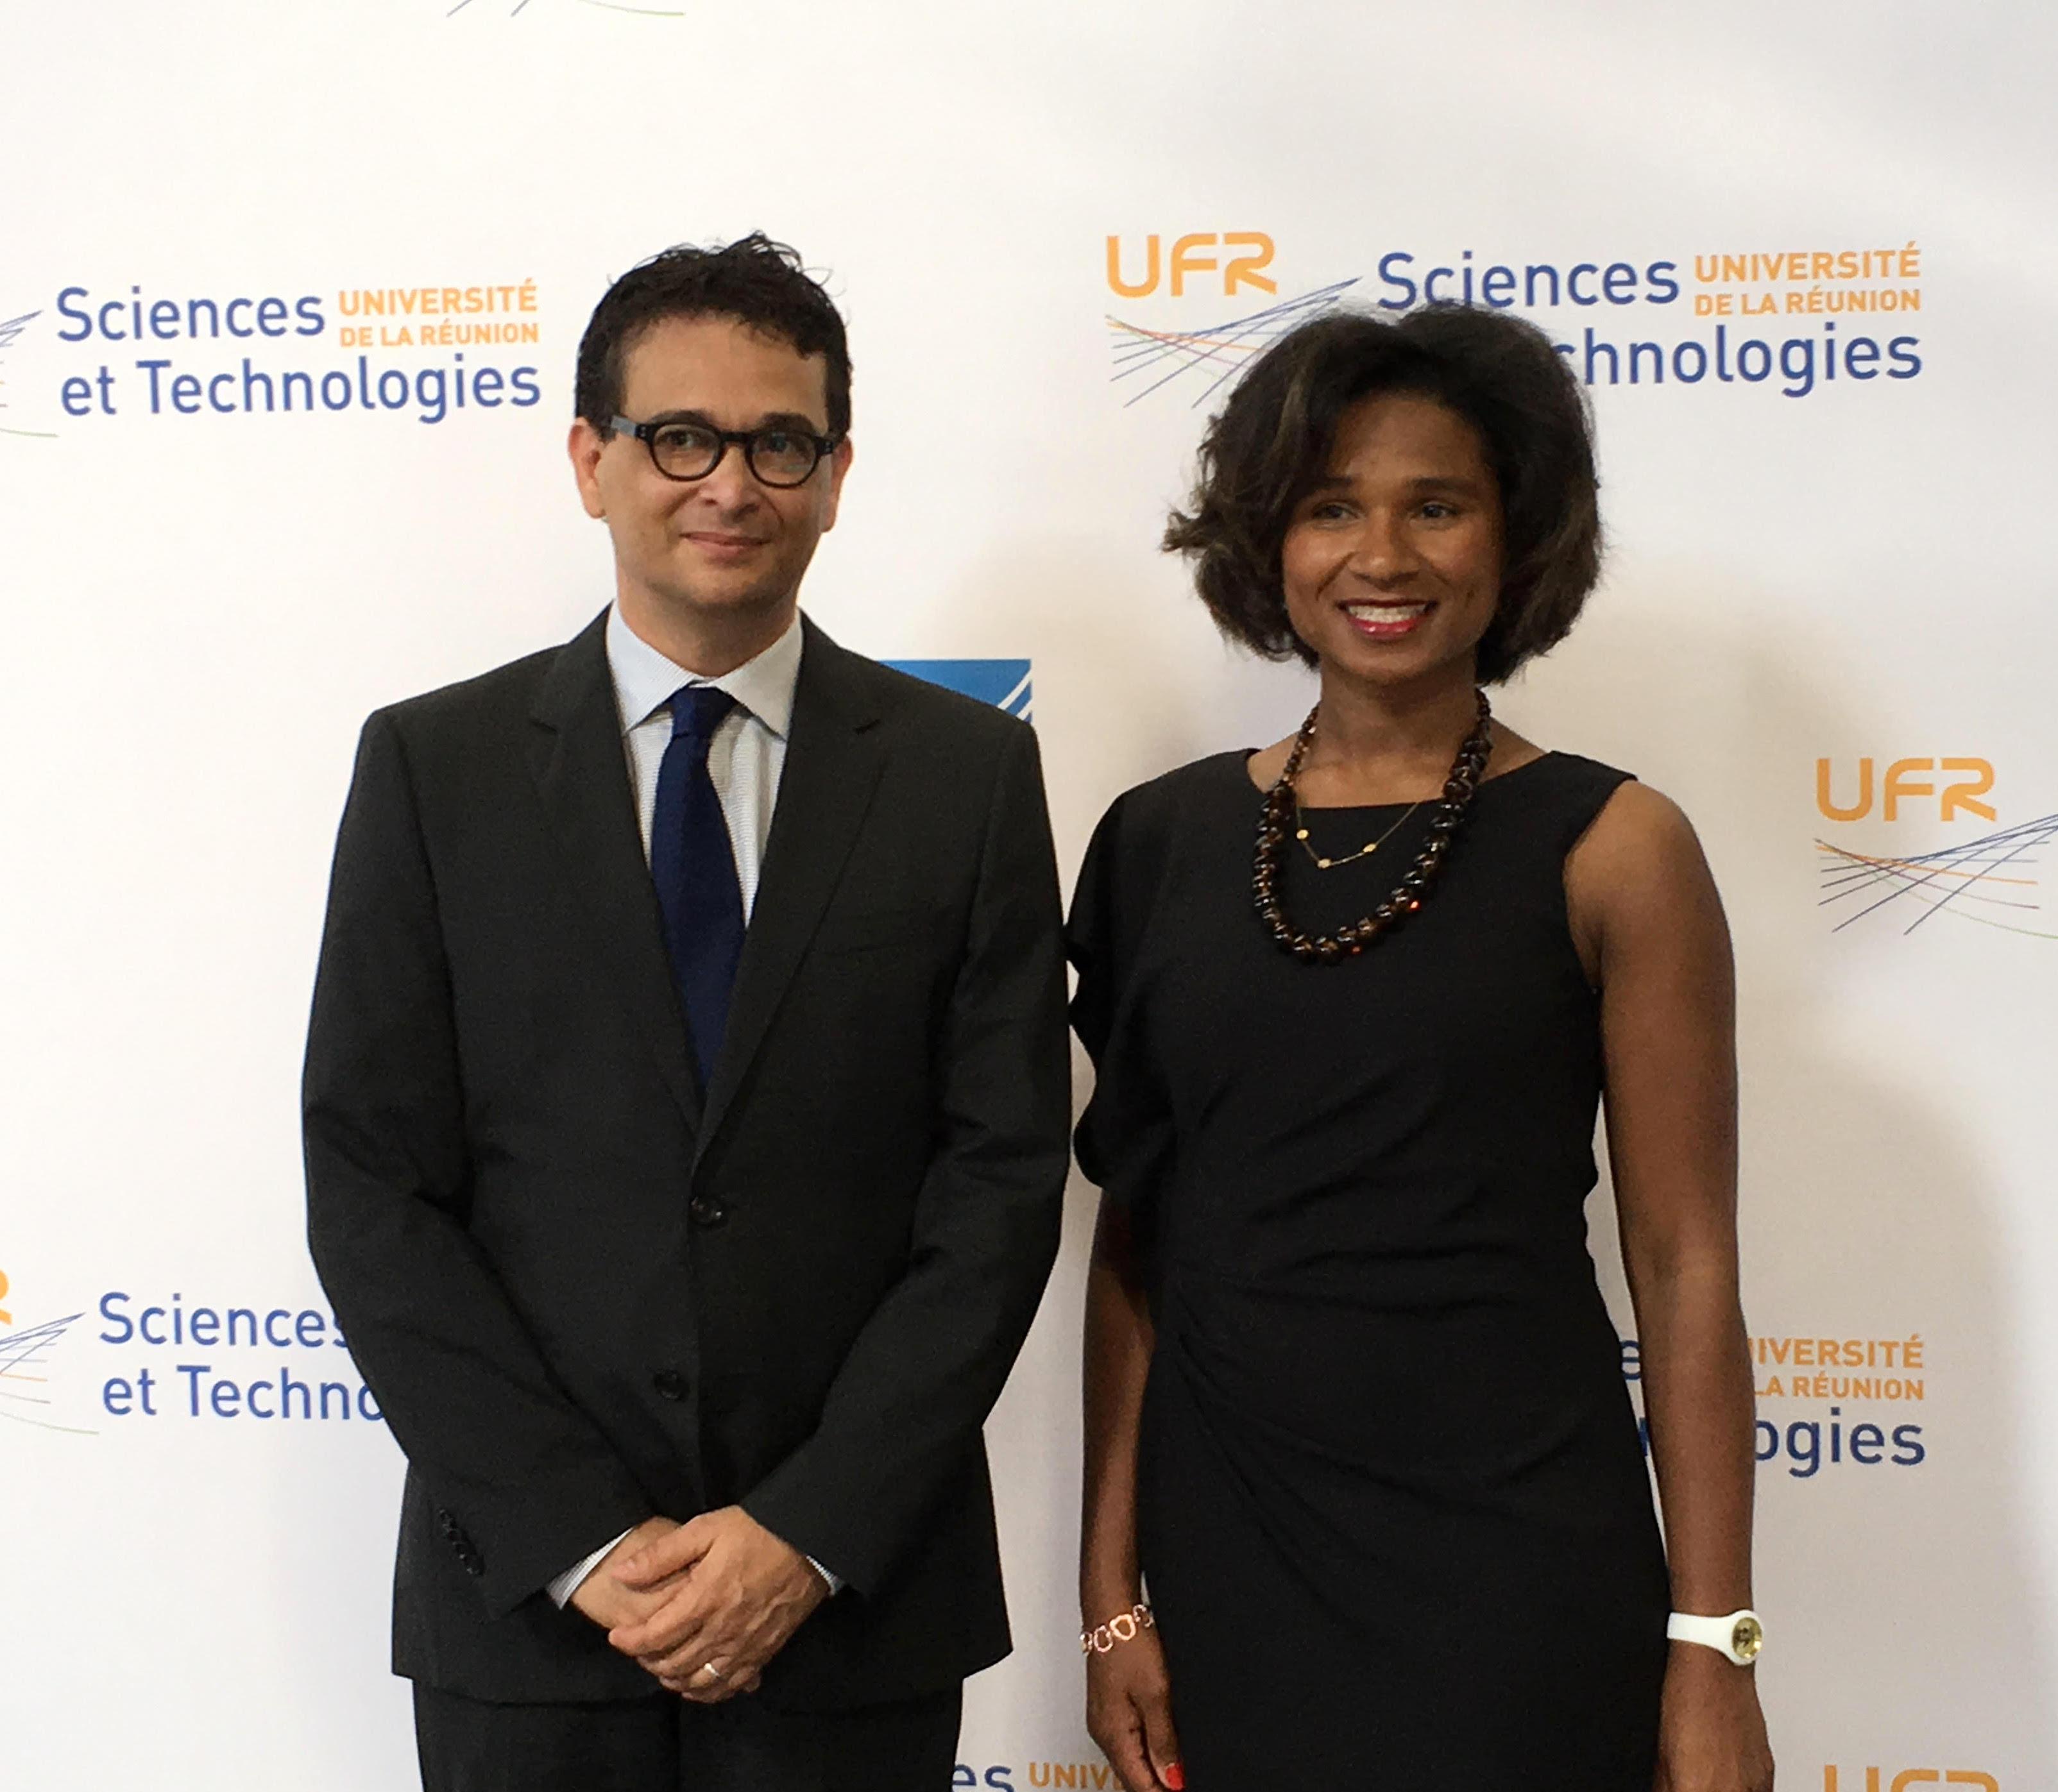 UFR Sciences et Technologies de l'Université de la Réunion : 257 nouveaux diplômés !